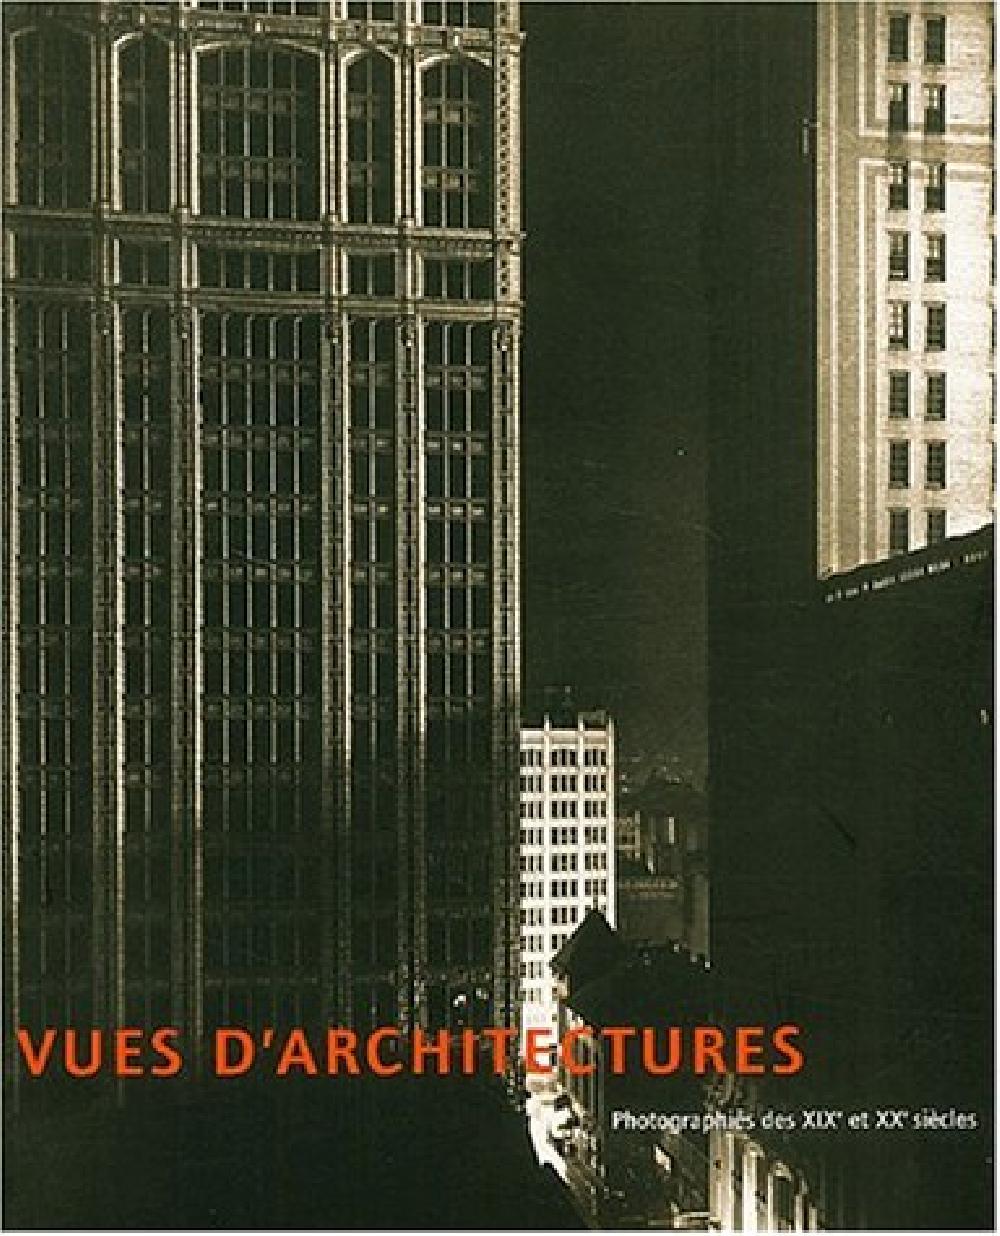 Vues d'architectures